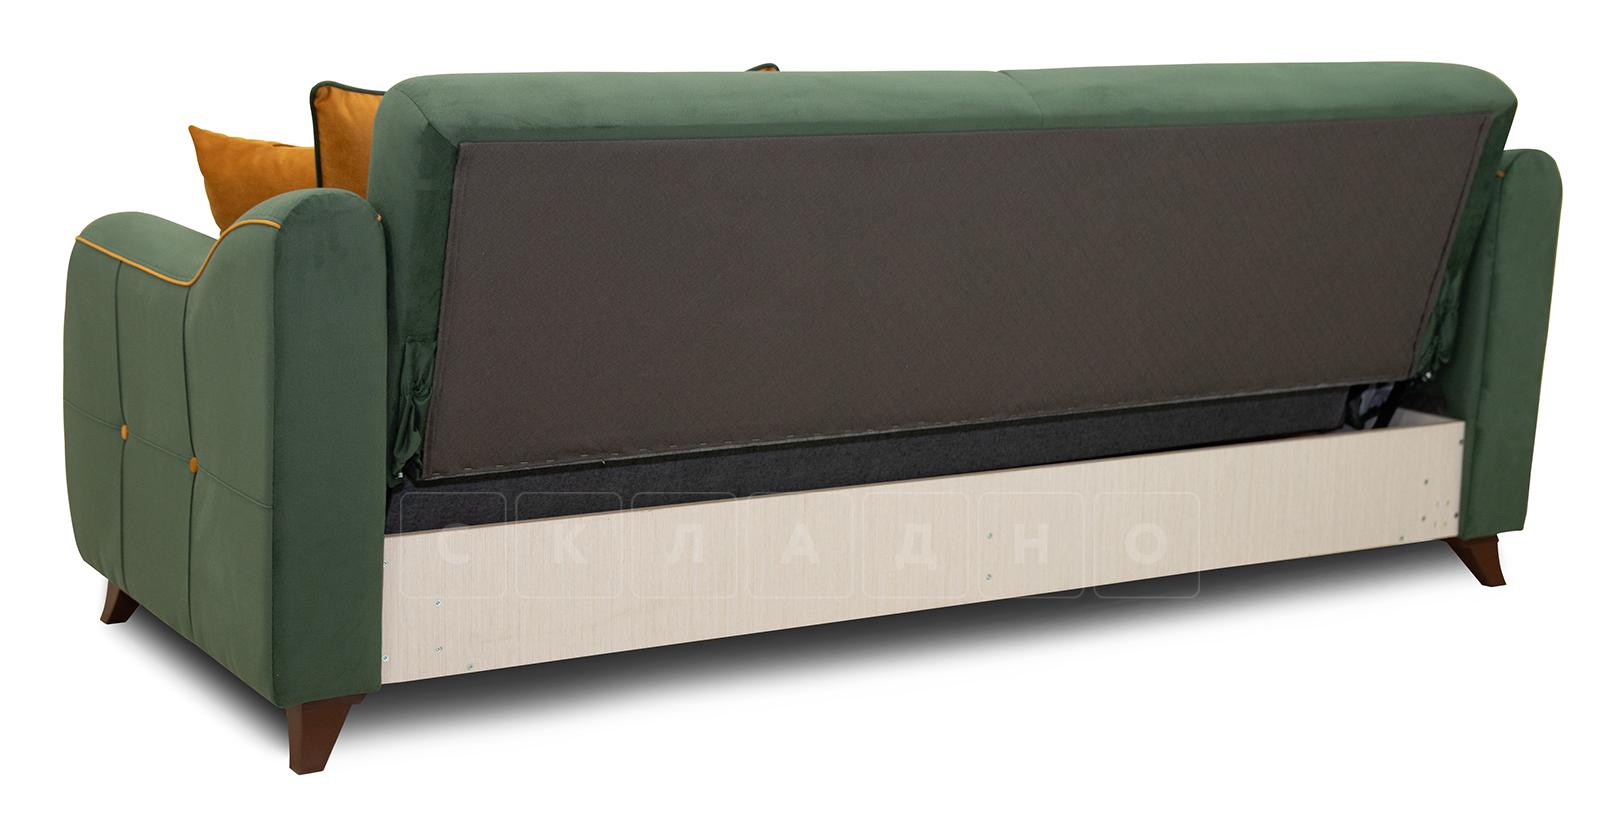 Диван-кровать Флэтфорд нефритовый зеленый фото 4   интернет-магазин Складно